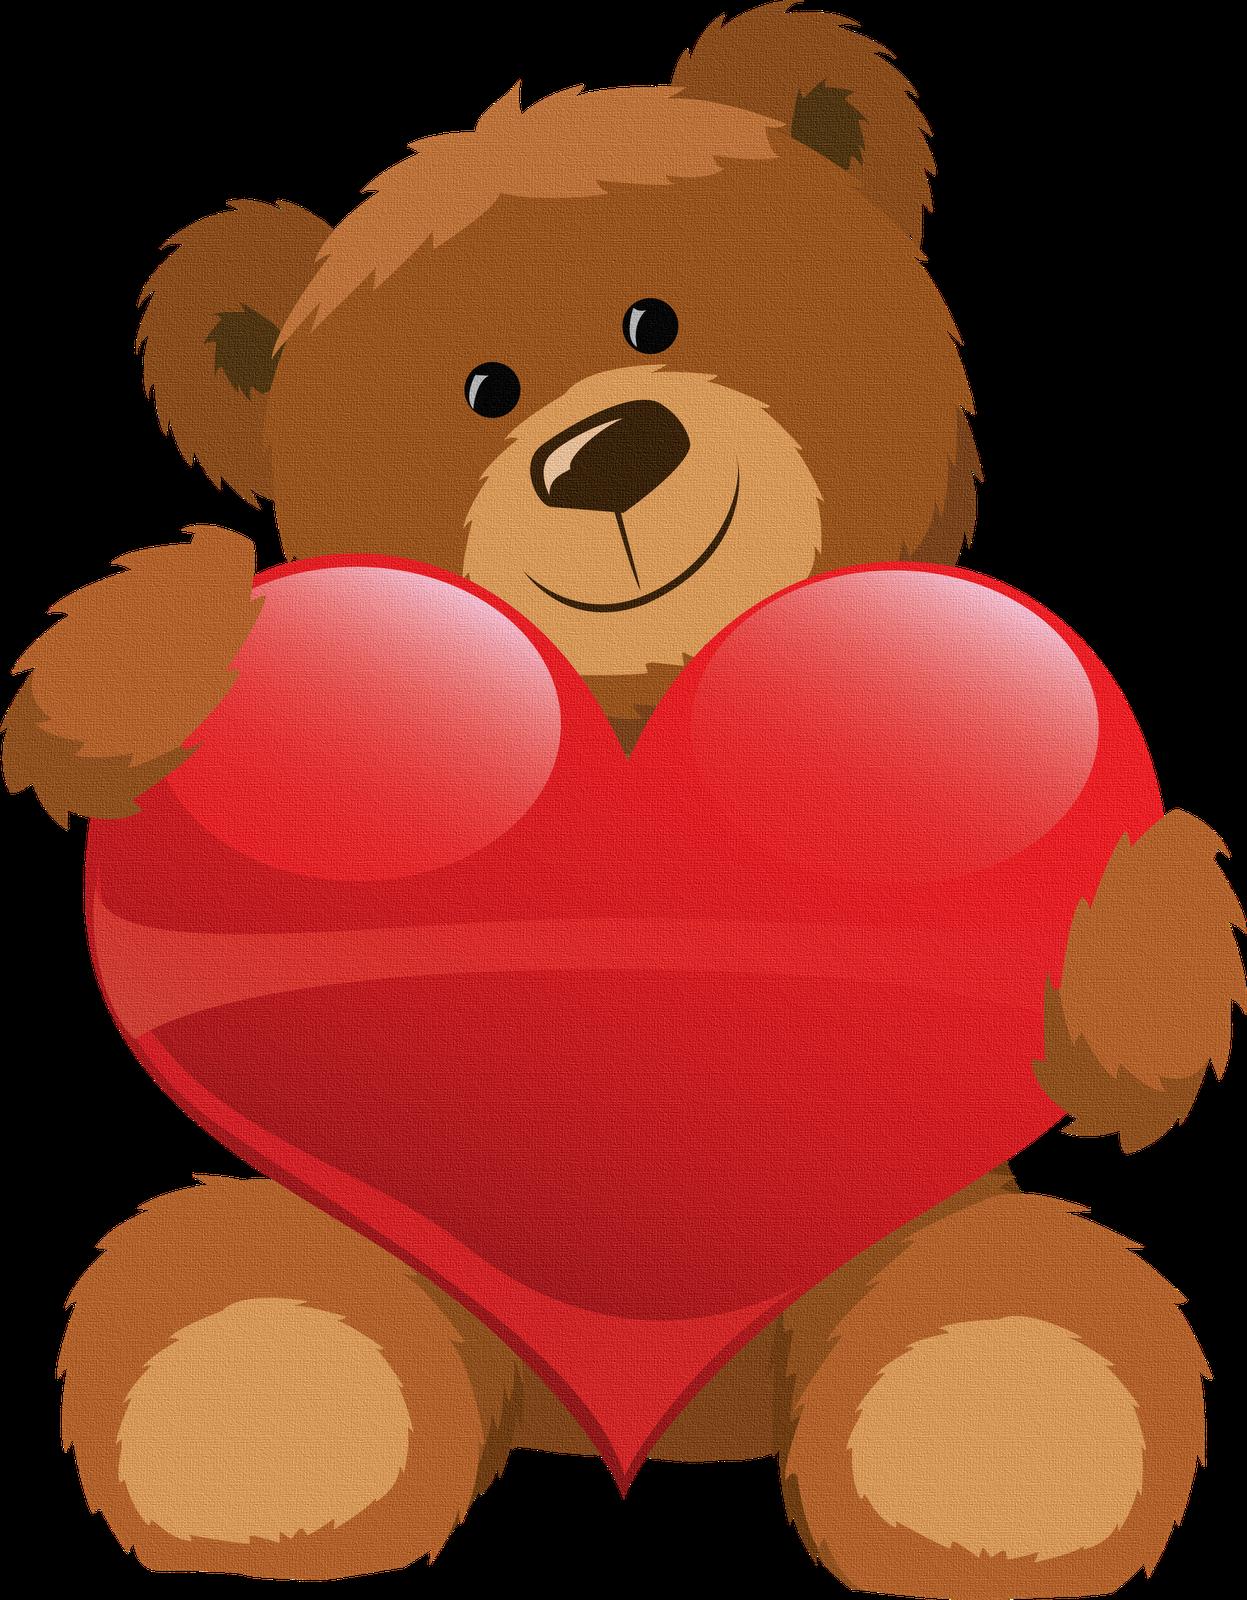 Oso con corazon para. Hearts clipart bear